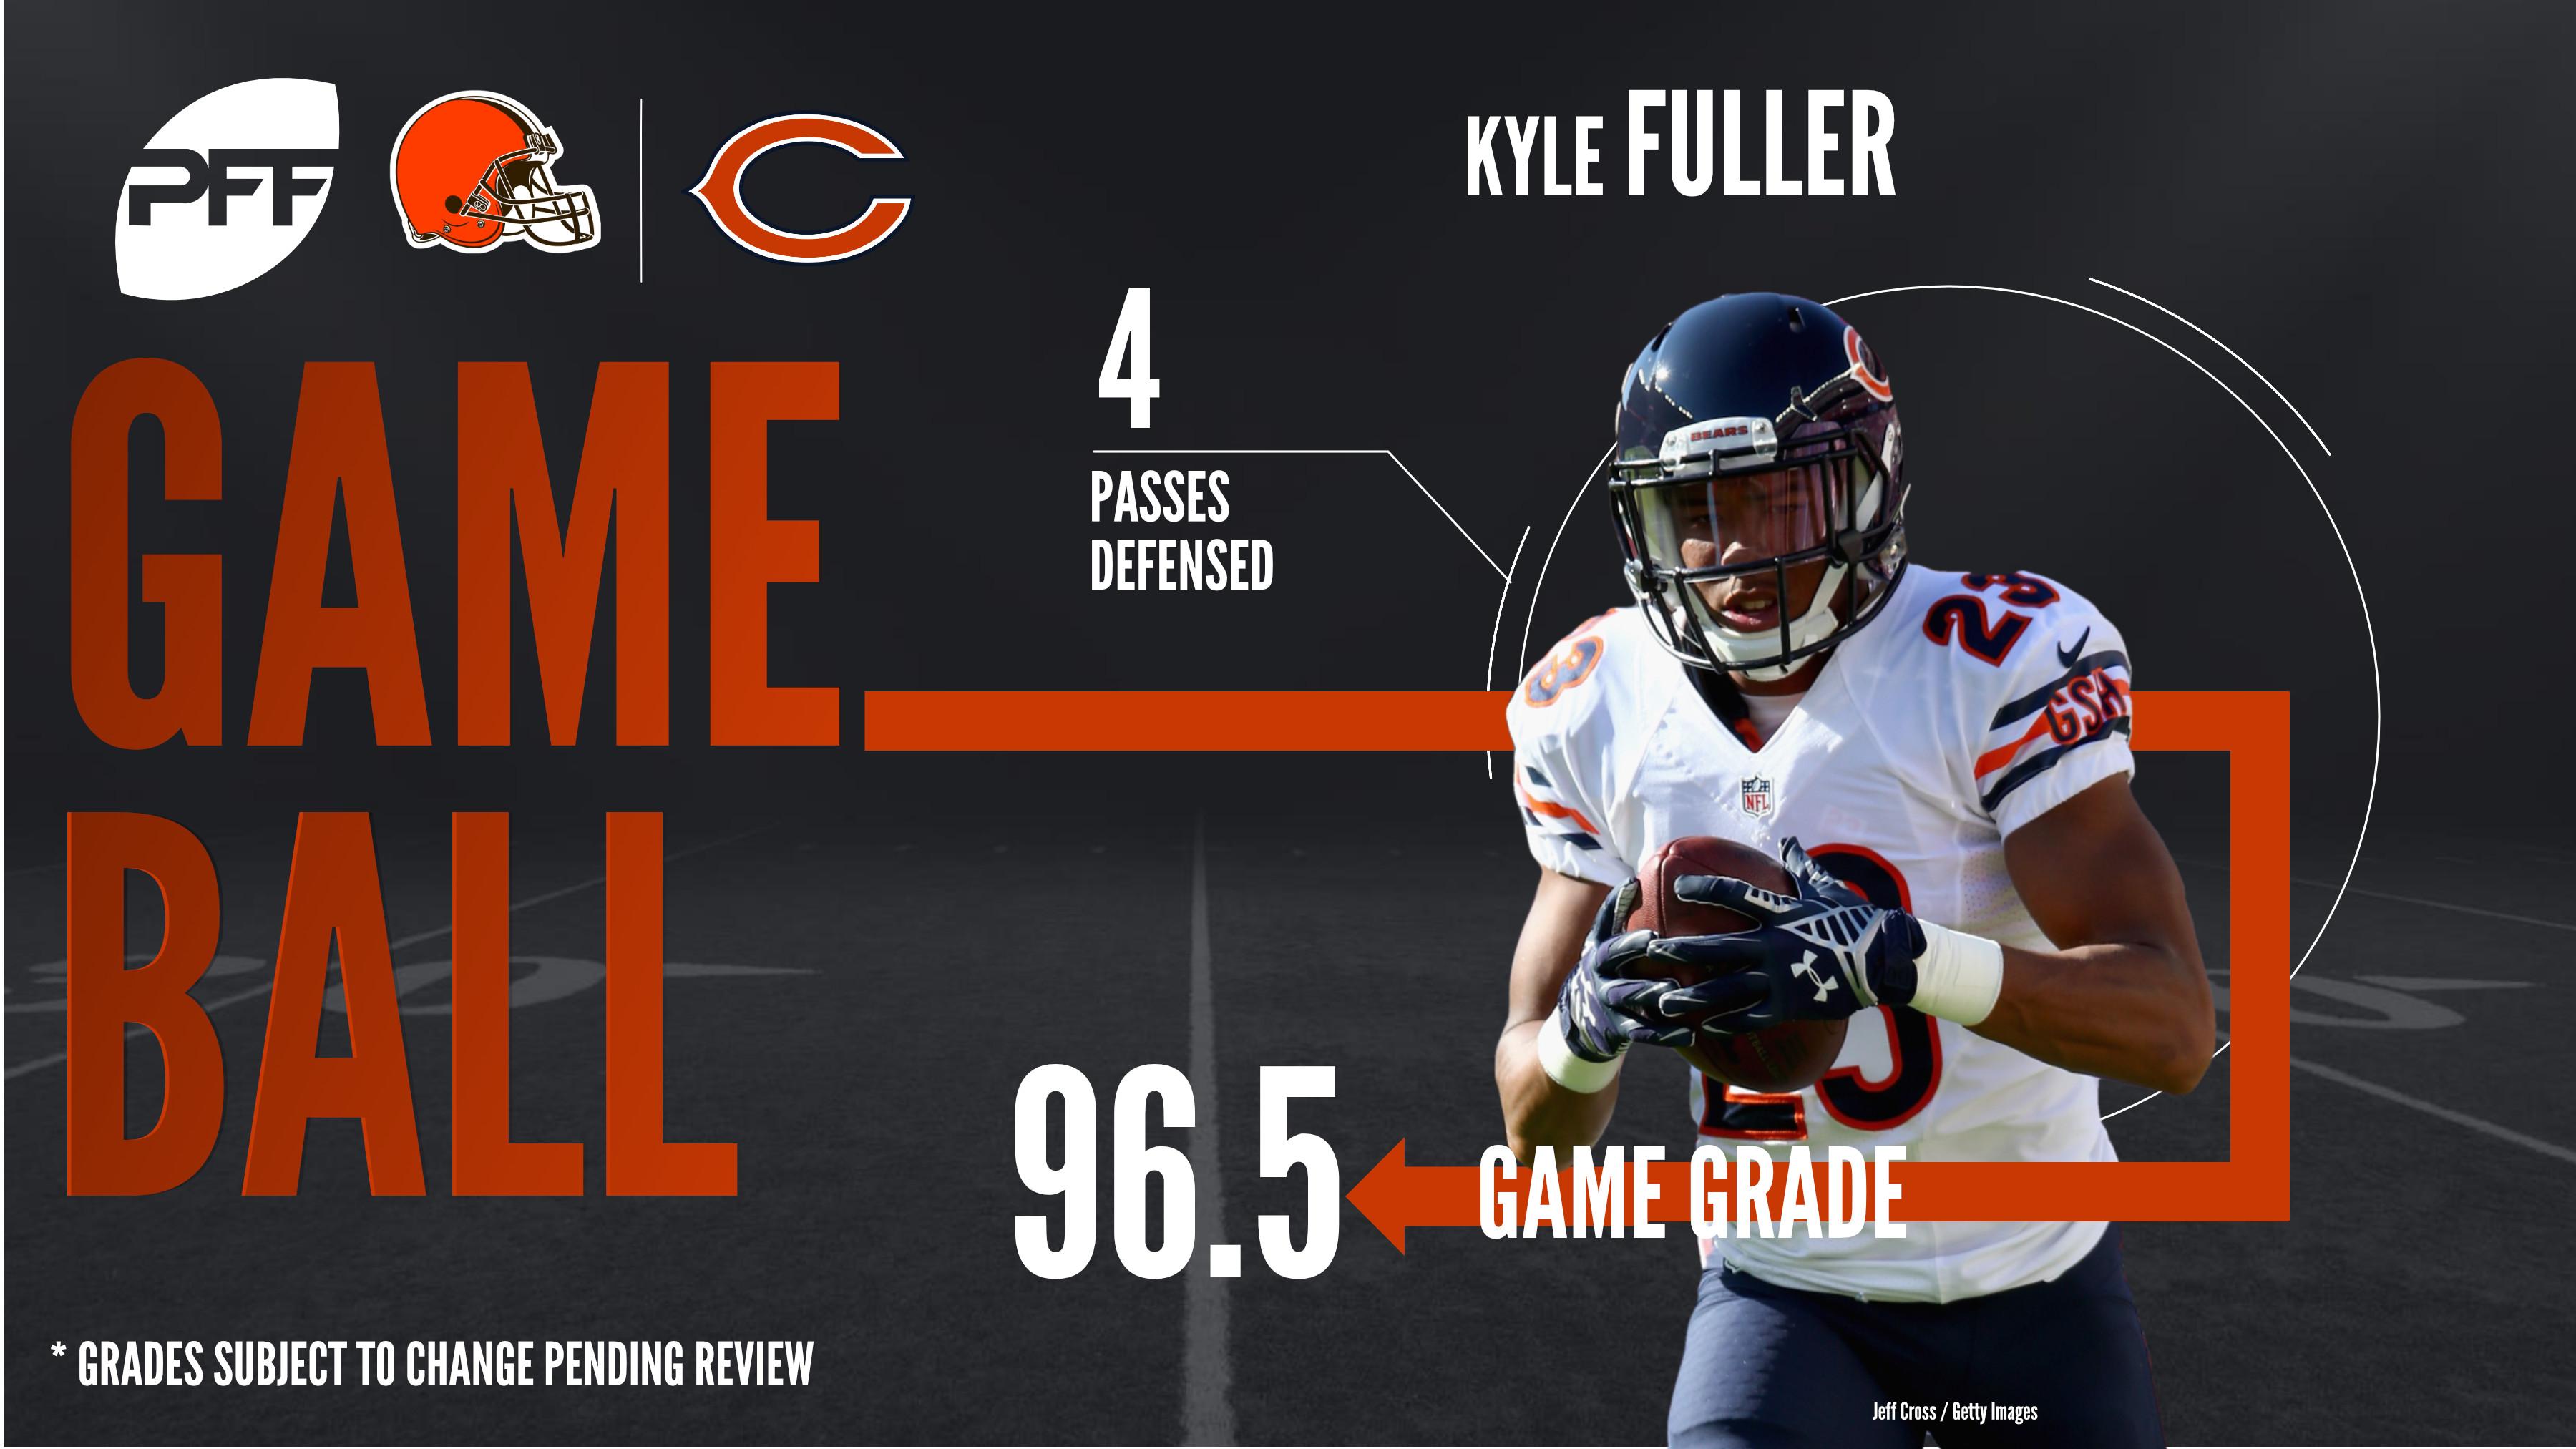 Kyle Fuller, cornerback, Chicago Bears